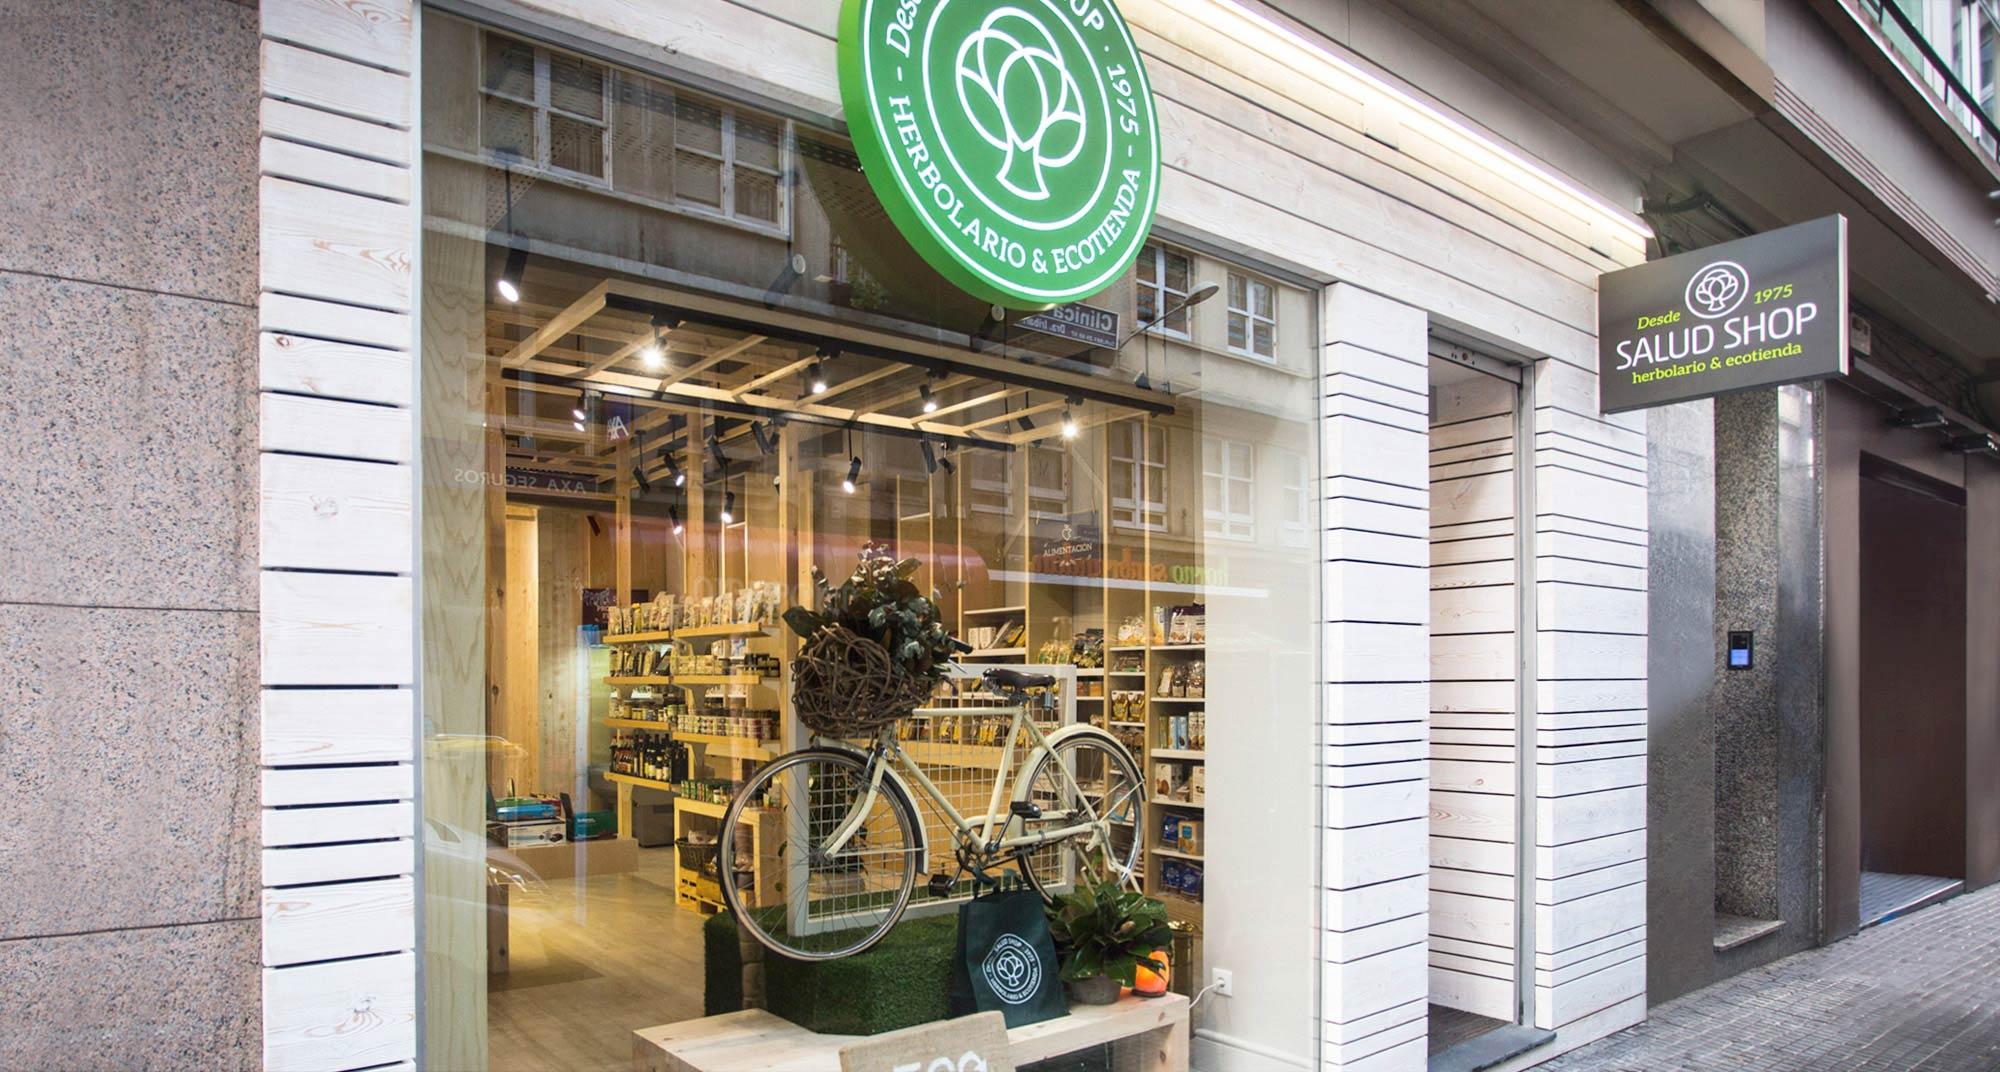 tienda saludshop en Alcalde Marchesi A Coruña